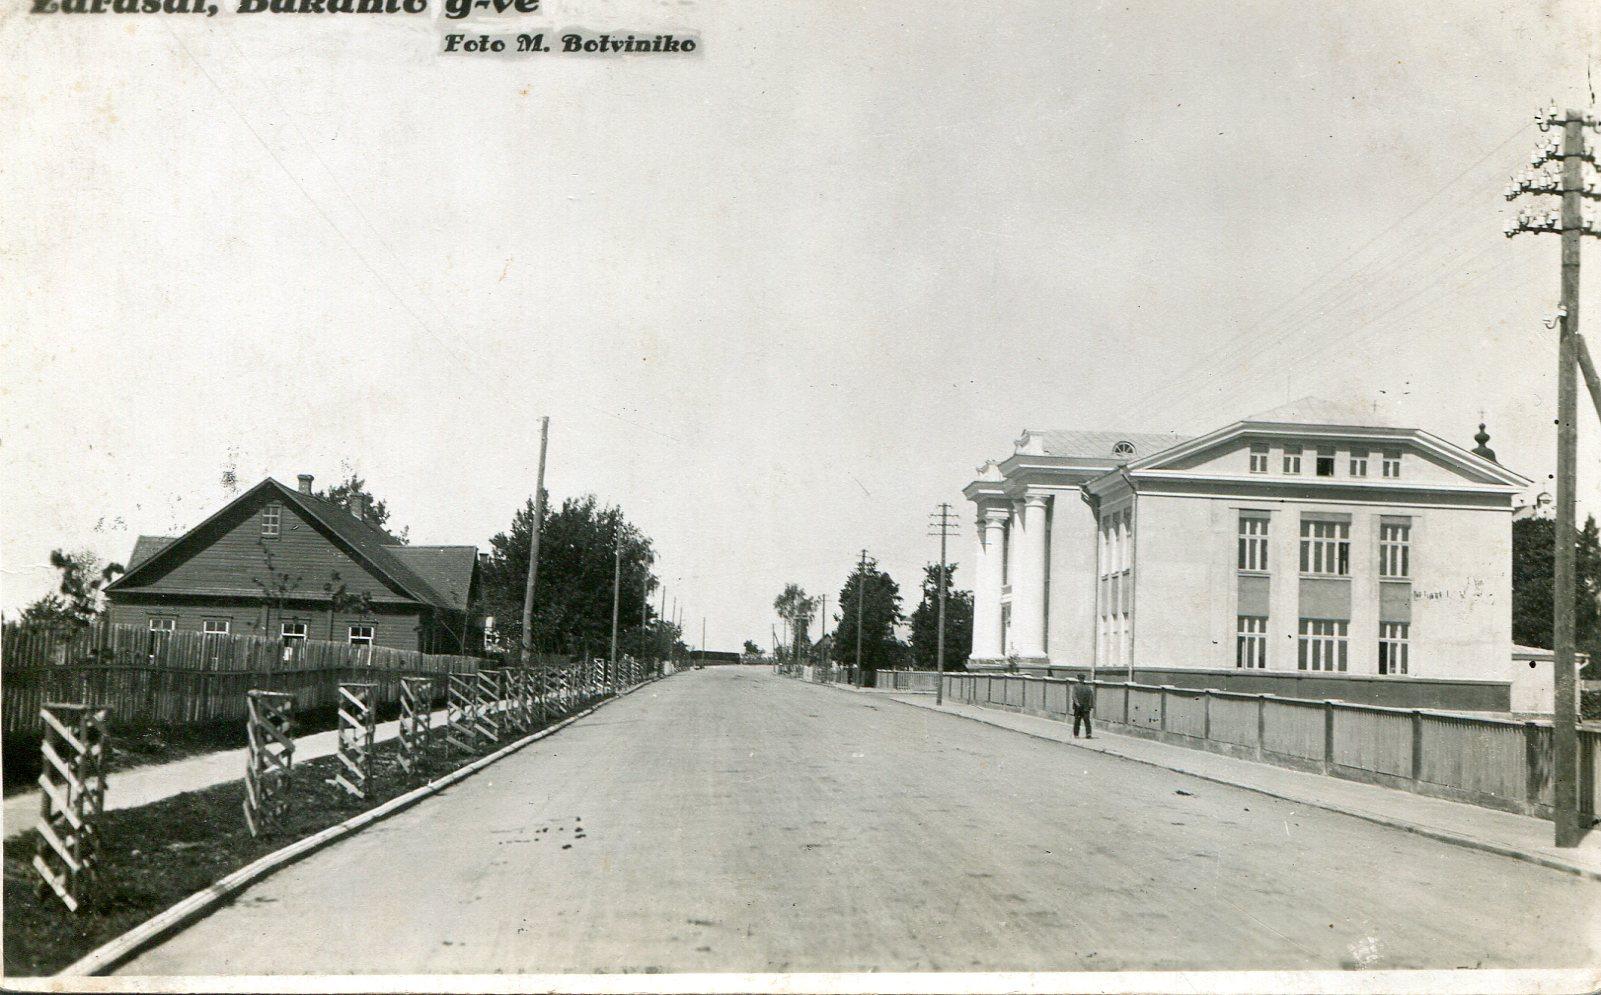 Bukonto g. 1935. M.B.